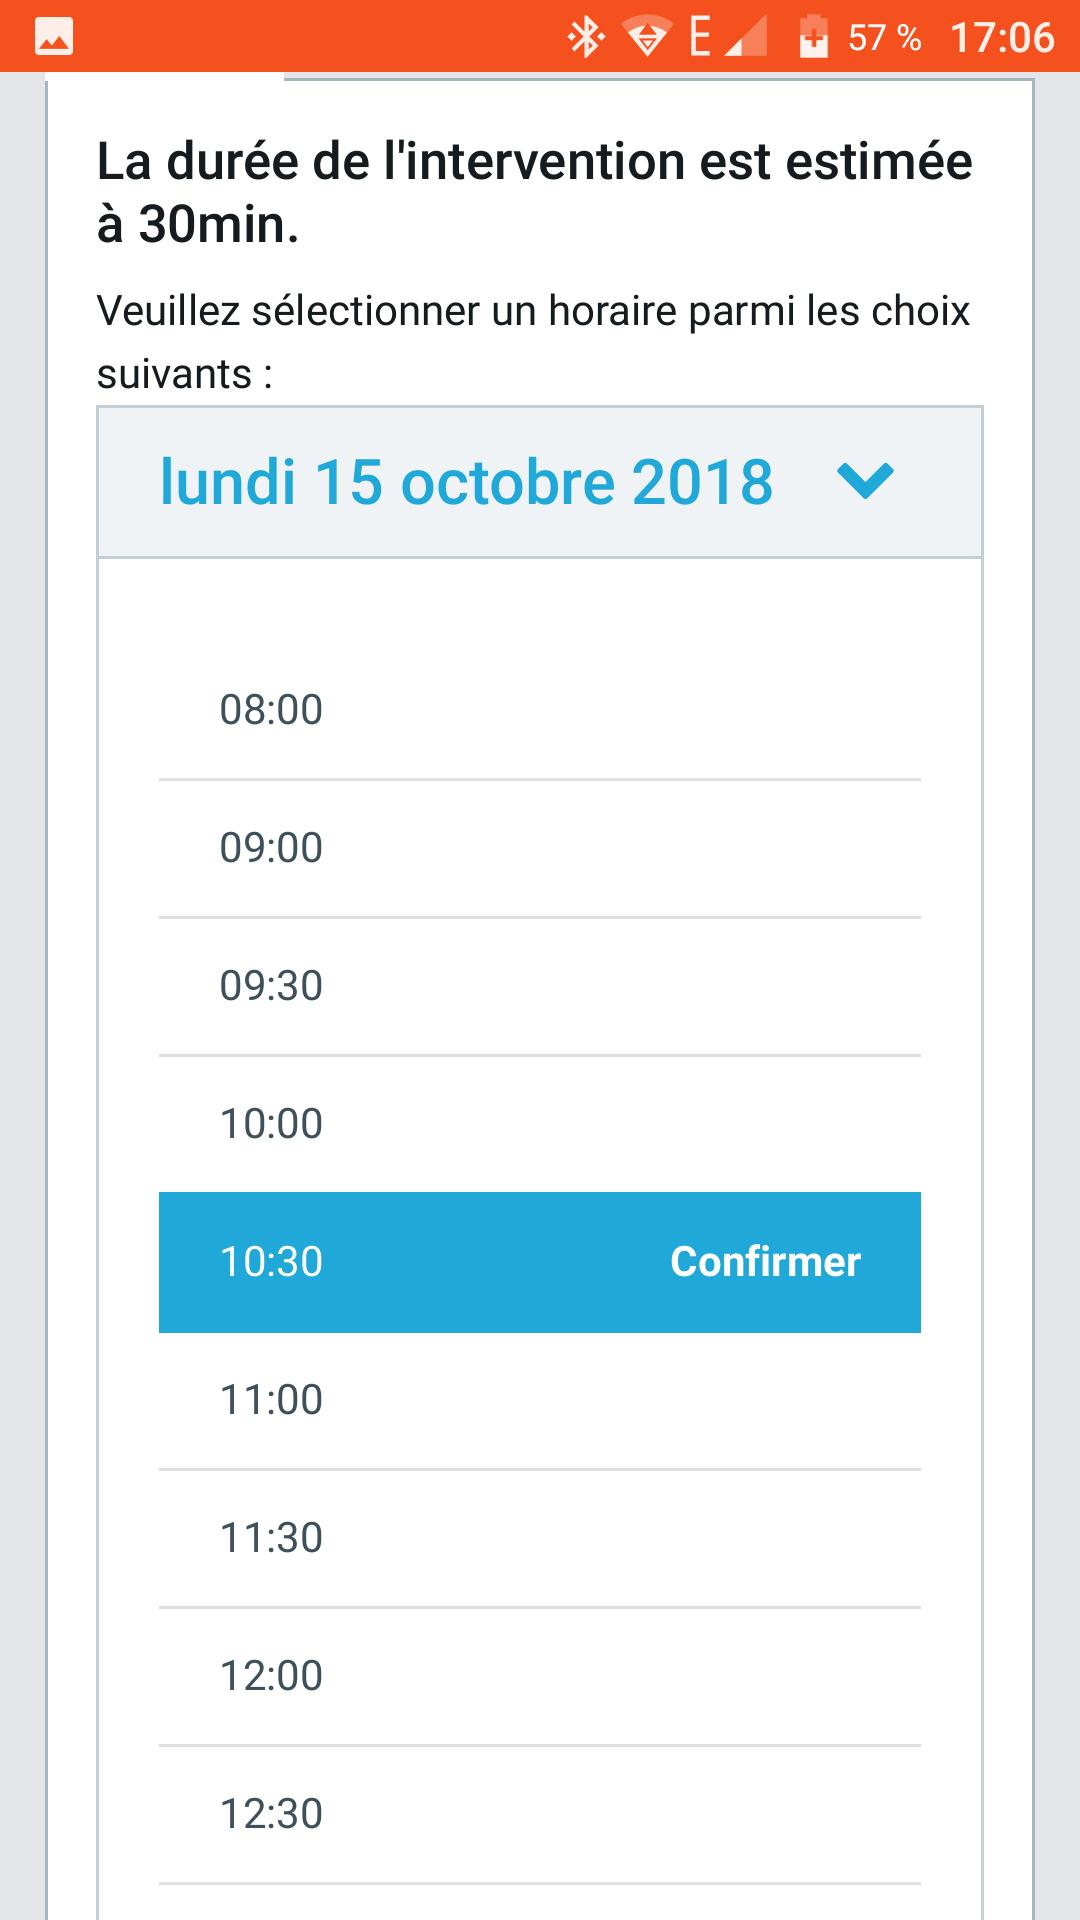 Système de sélection d'horaire en ligne